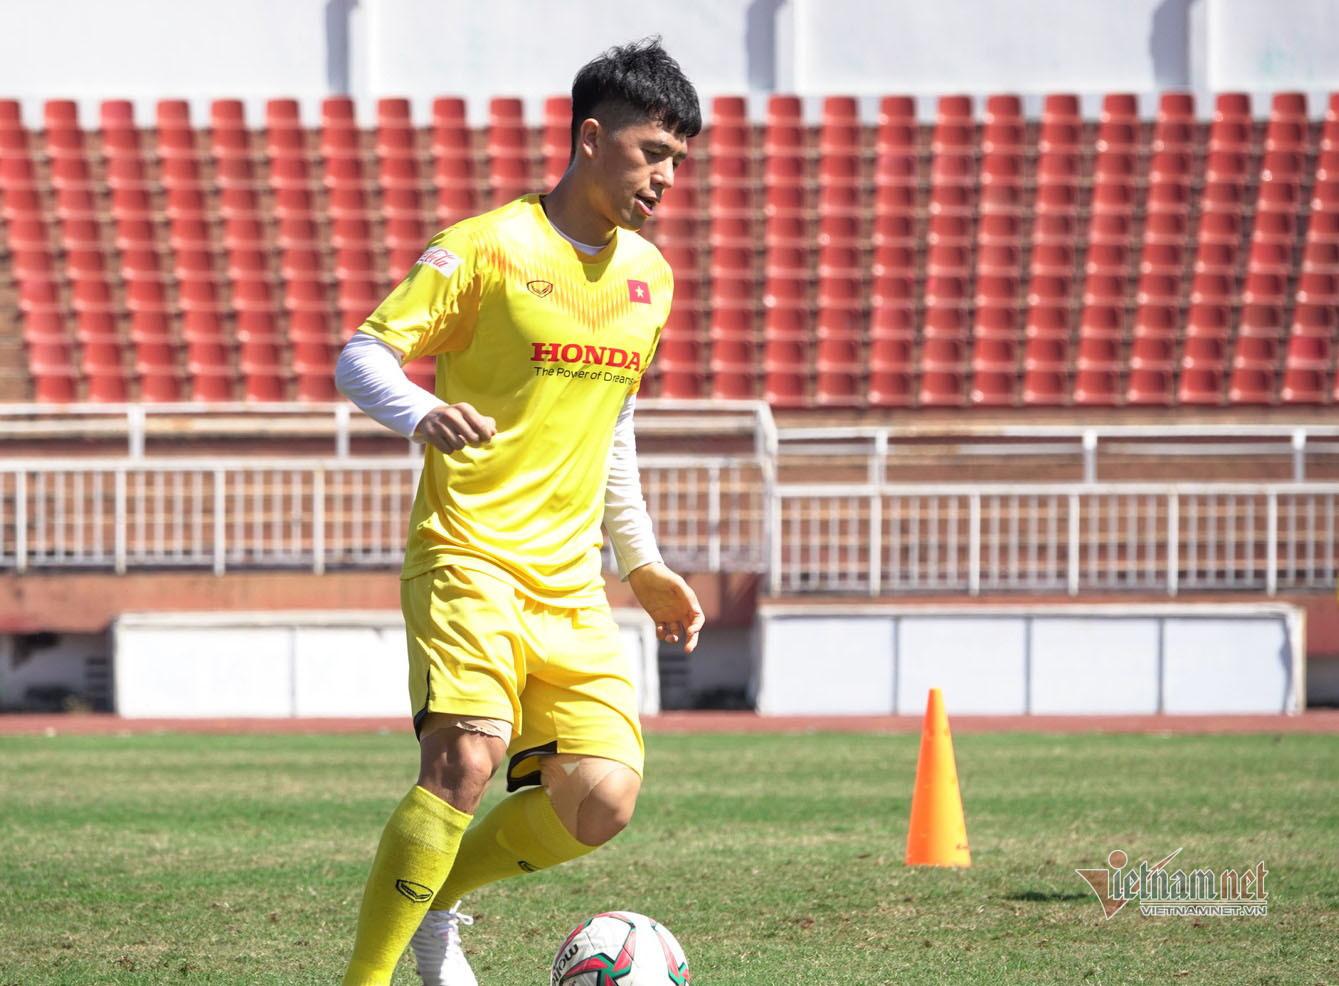 Sao U23 Việt Nam đáp cực gắt 'Messi Thái' sau lời khiêu chiến